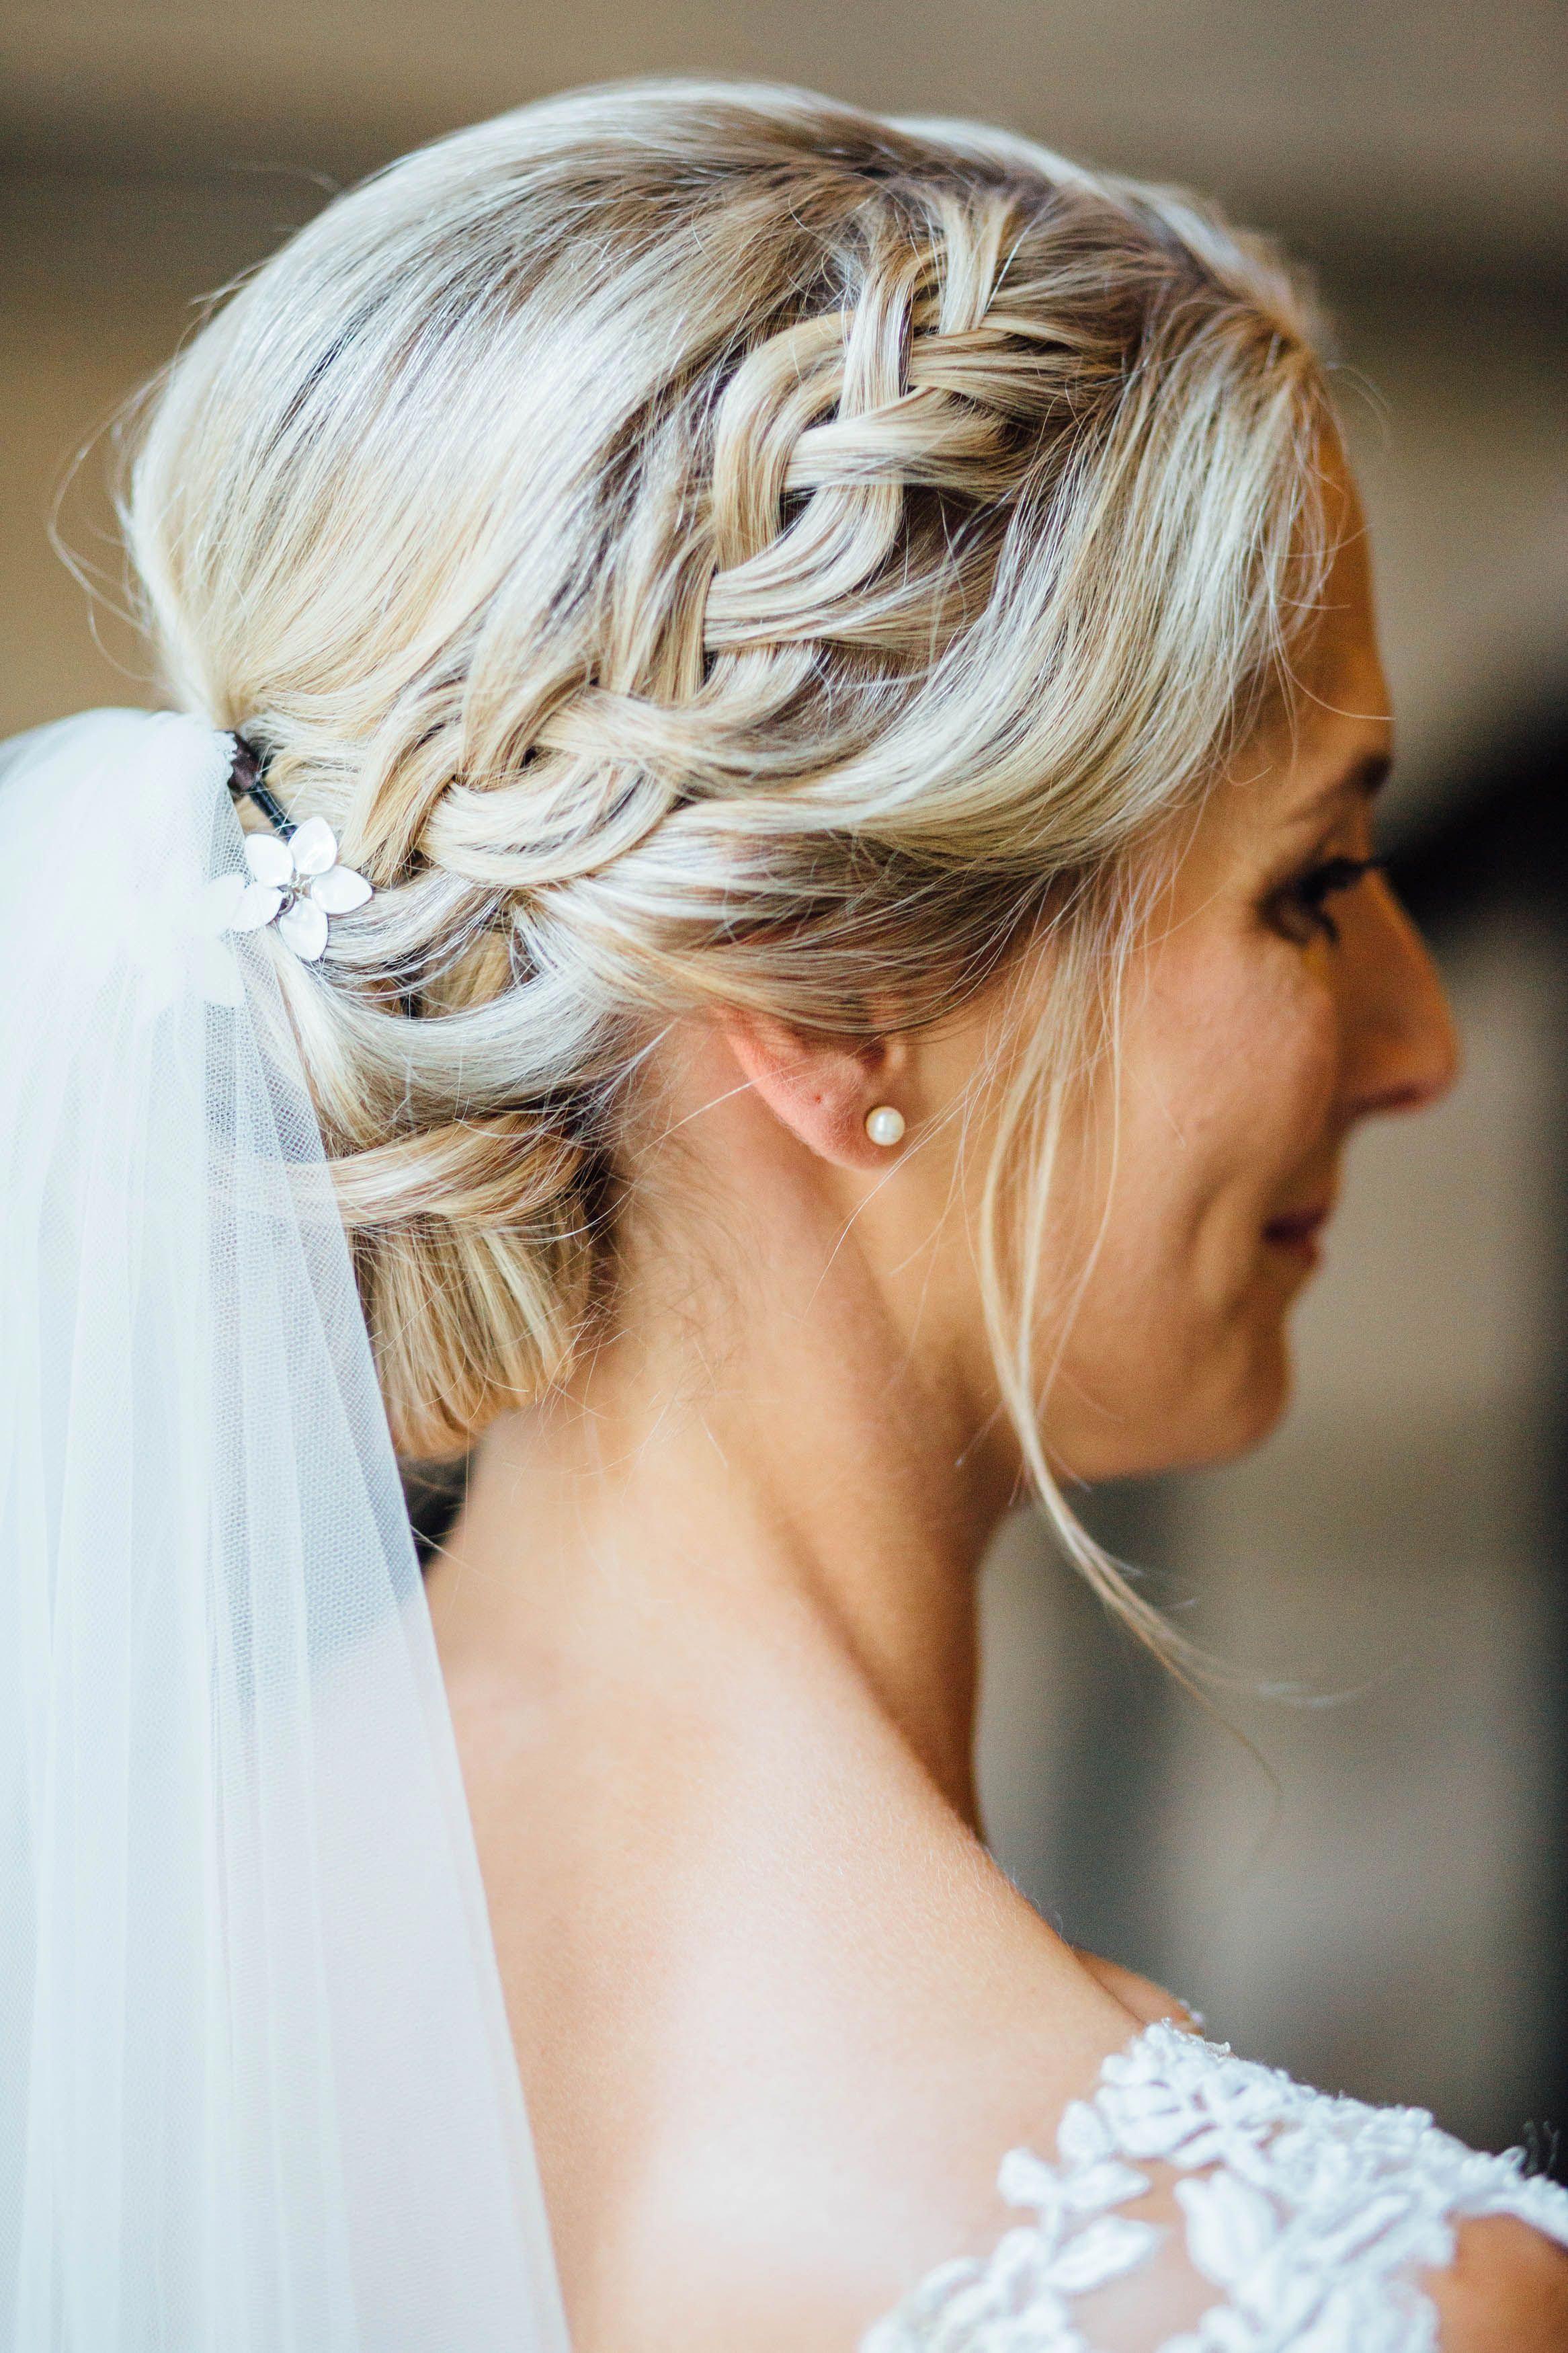 10 Popular High Bun Hairstyles Worn Today In 2020 Brautfrisur Frisuren Frisur Hochgesteckt